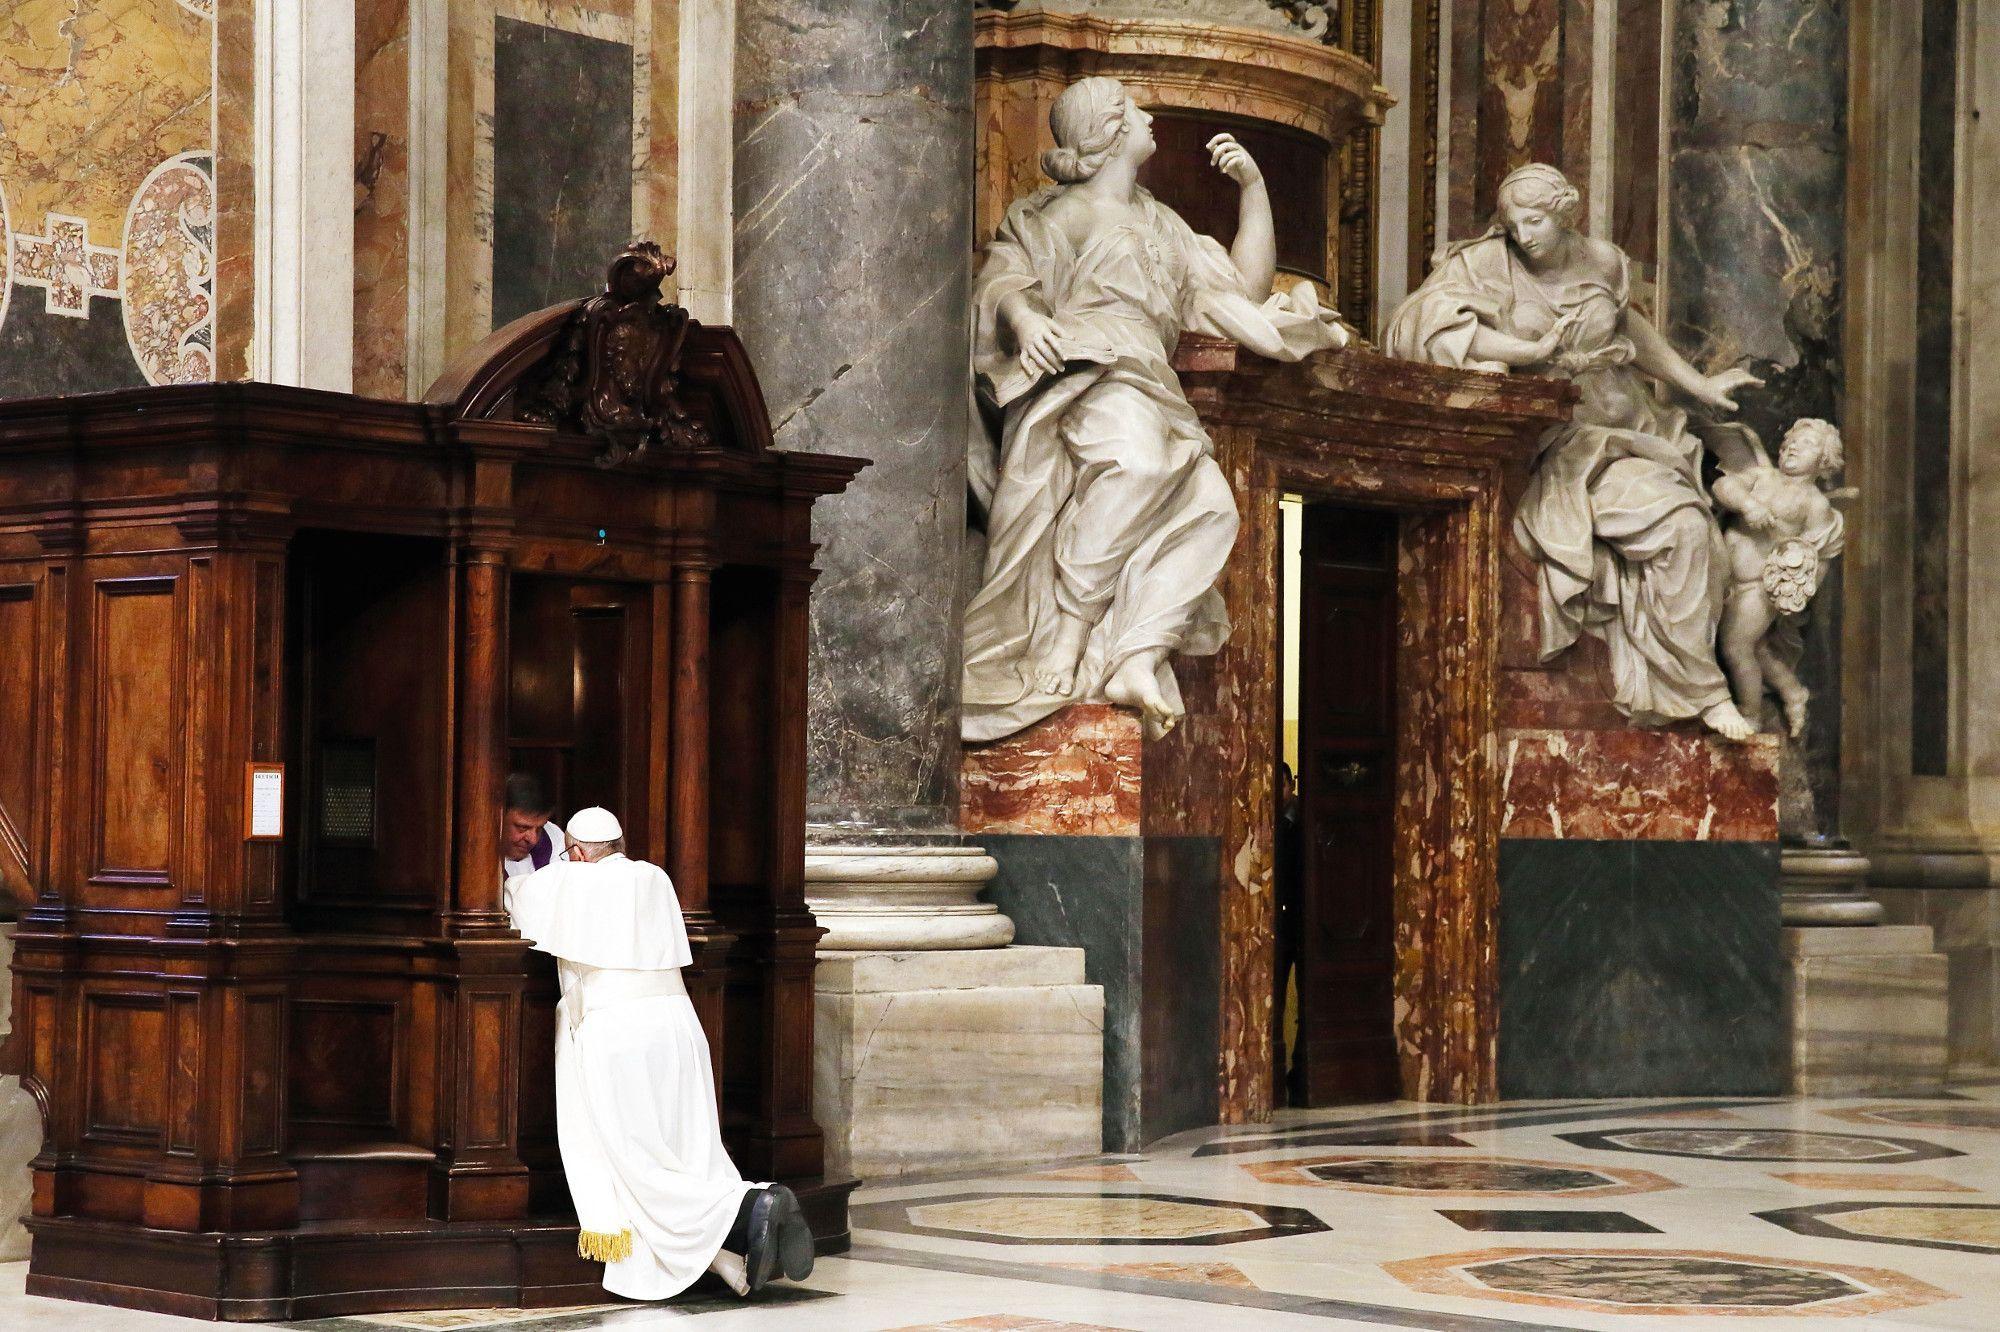 Как должен вести себя католик, если его исповедь прослушивается и записывается?